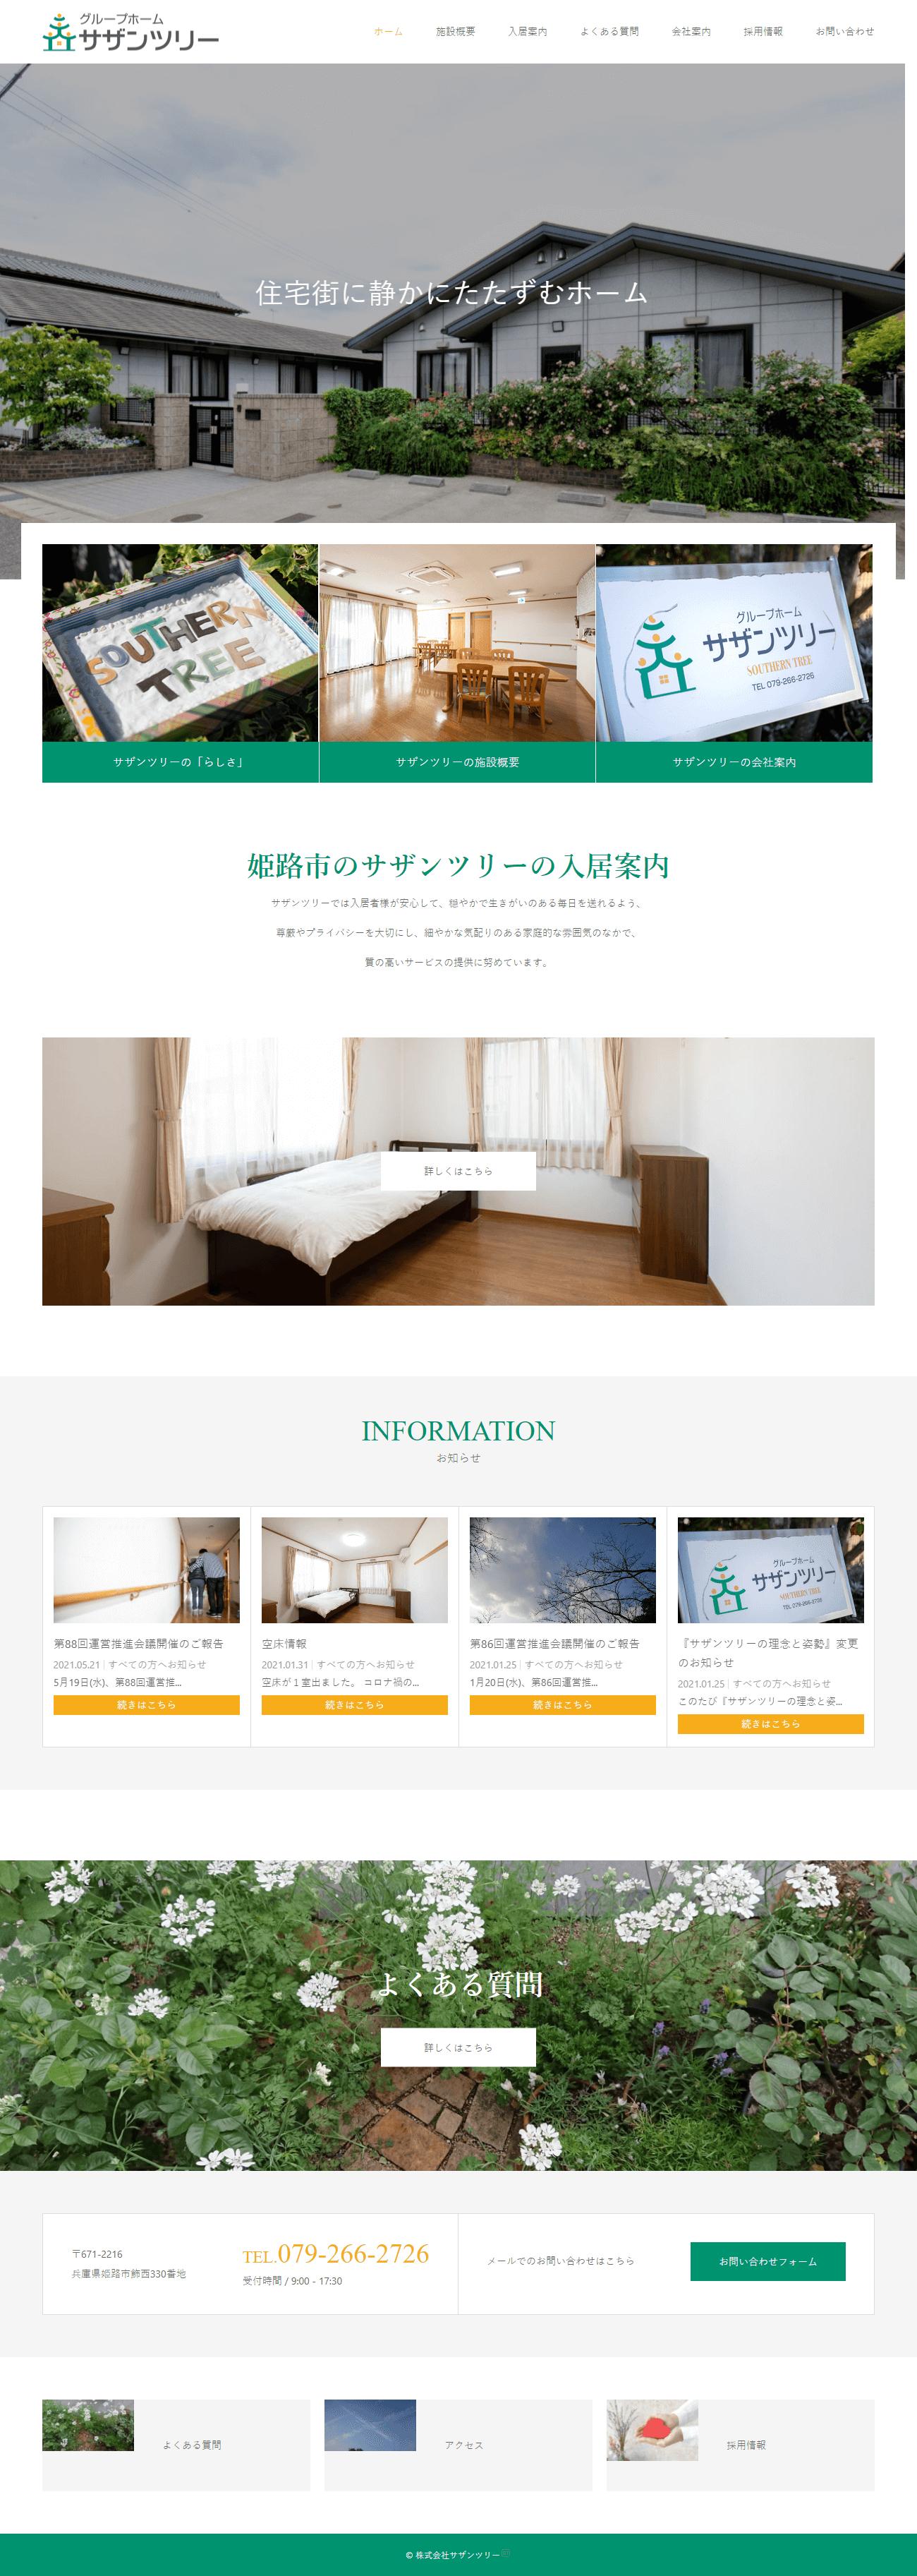 姫路市 株式会社サザンツリー ホームページ制作1